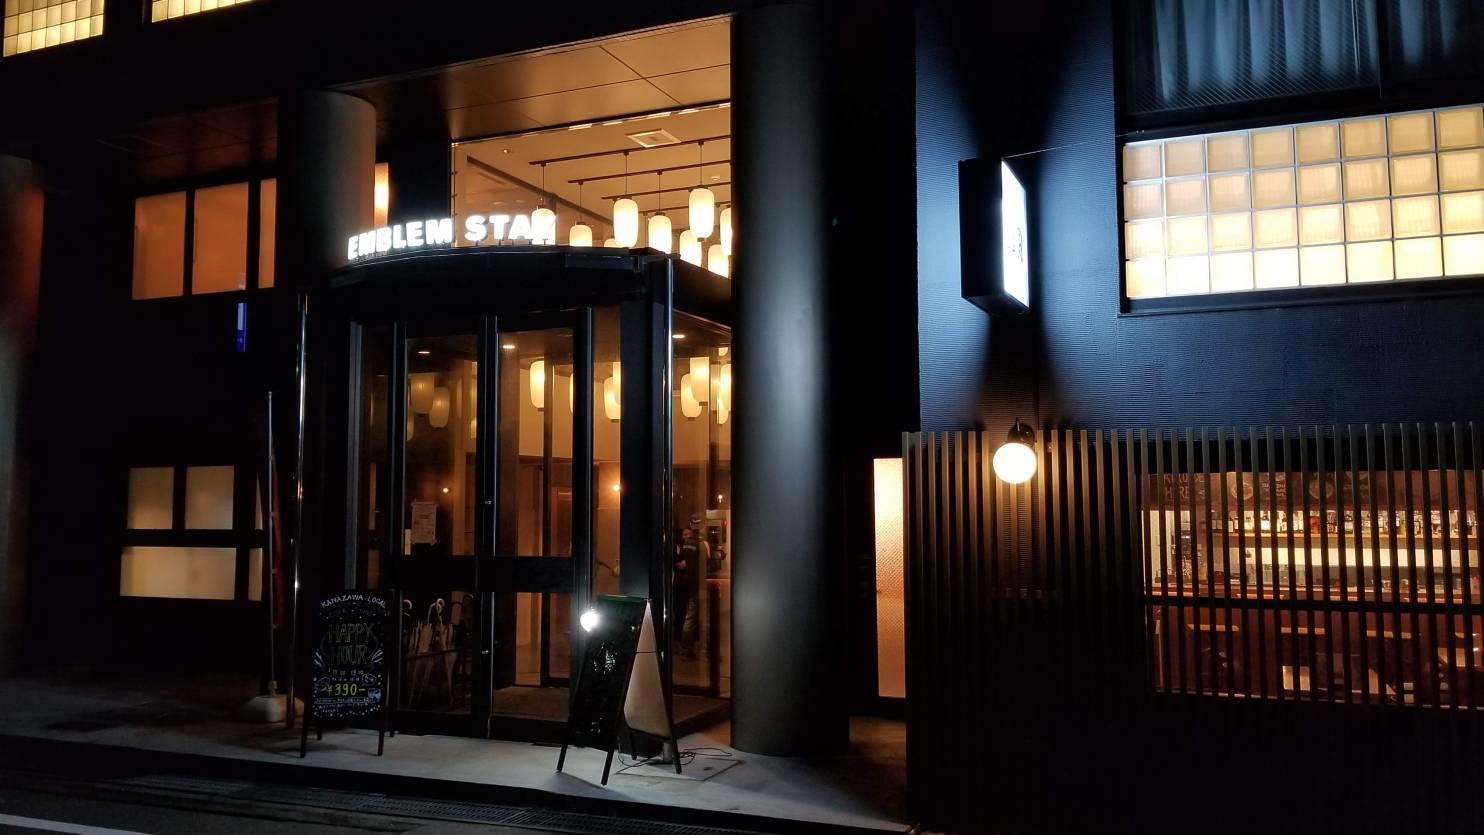 Emblem Social Bar Kanazawa Front・エンブレム ソーシャルバー金沢前